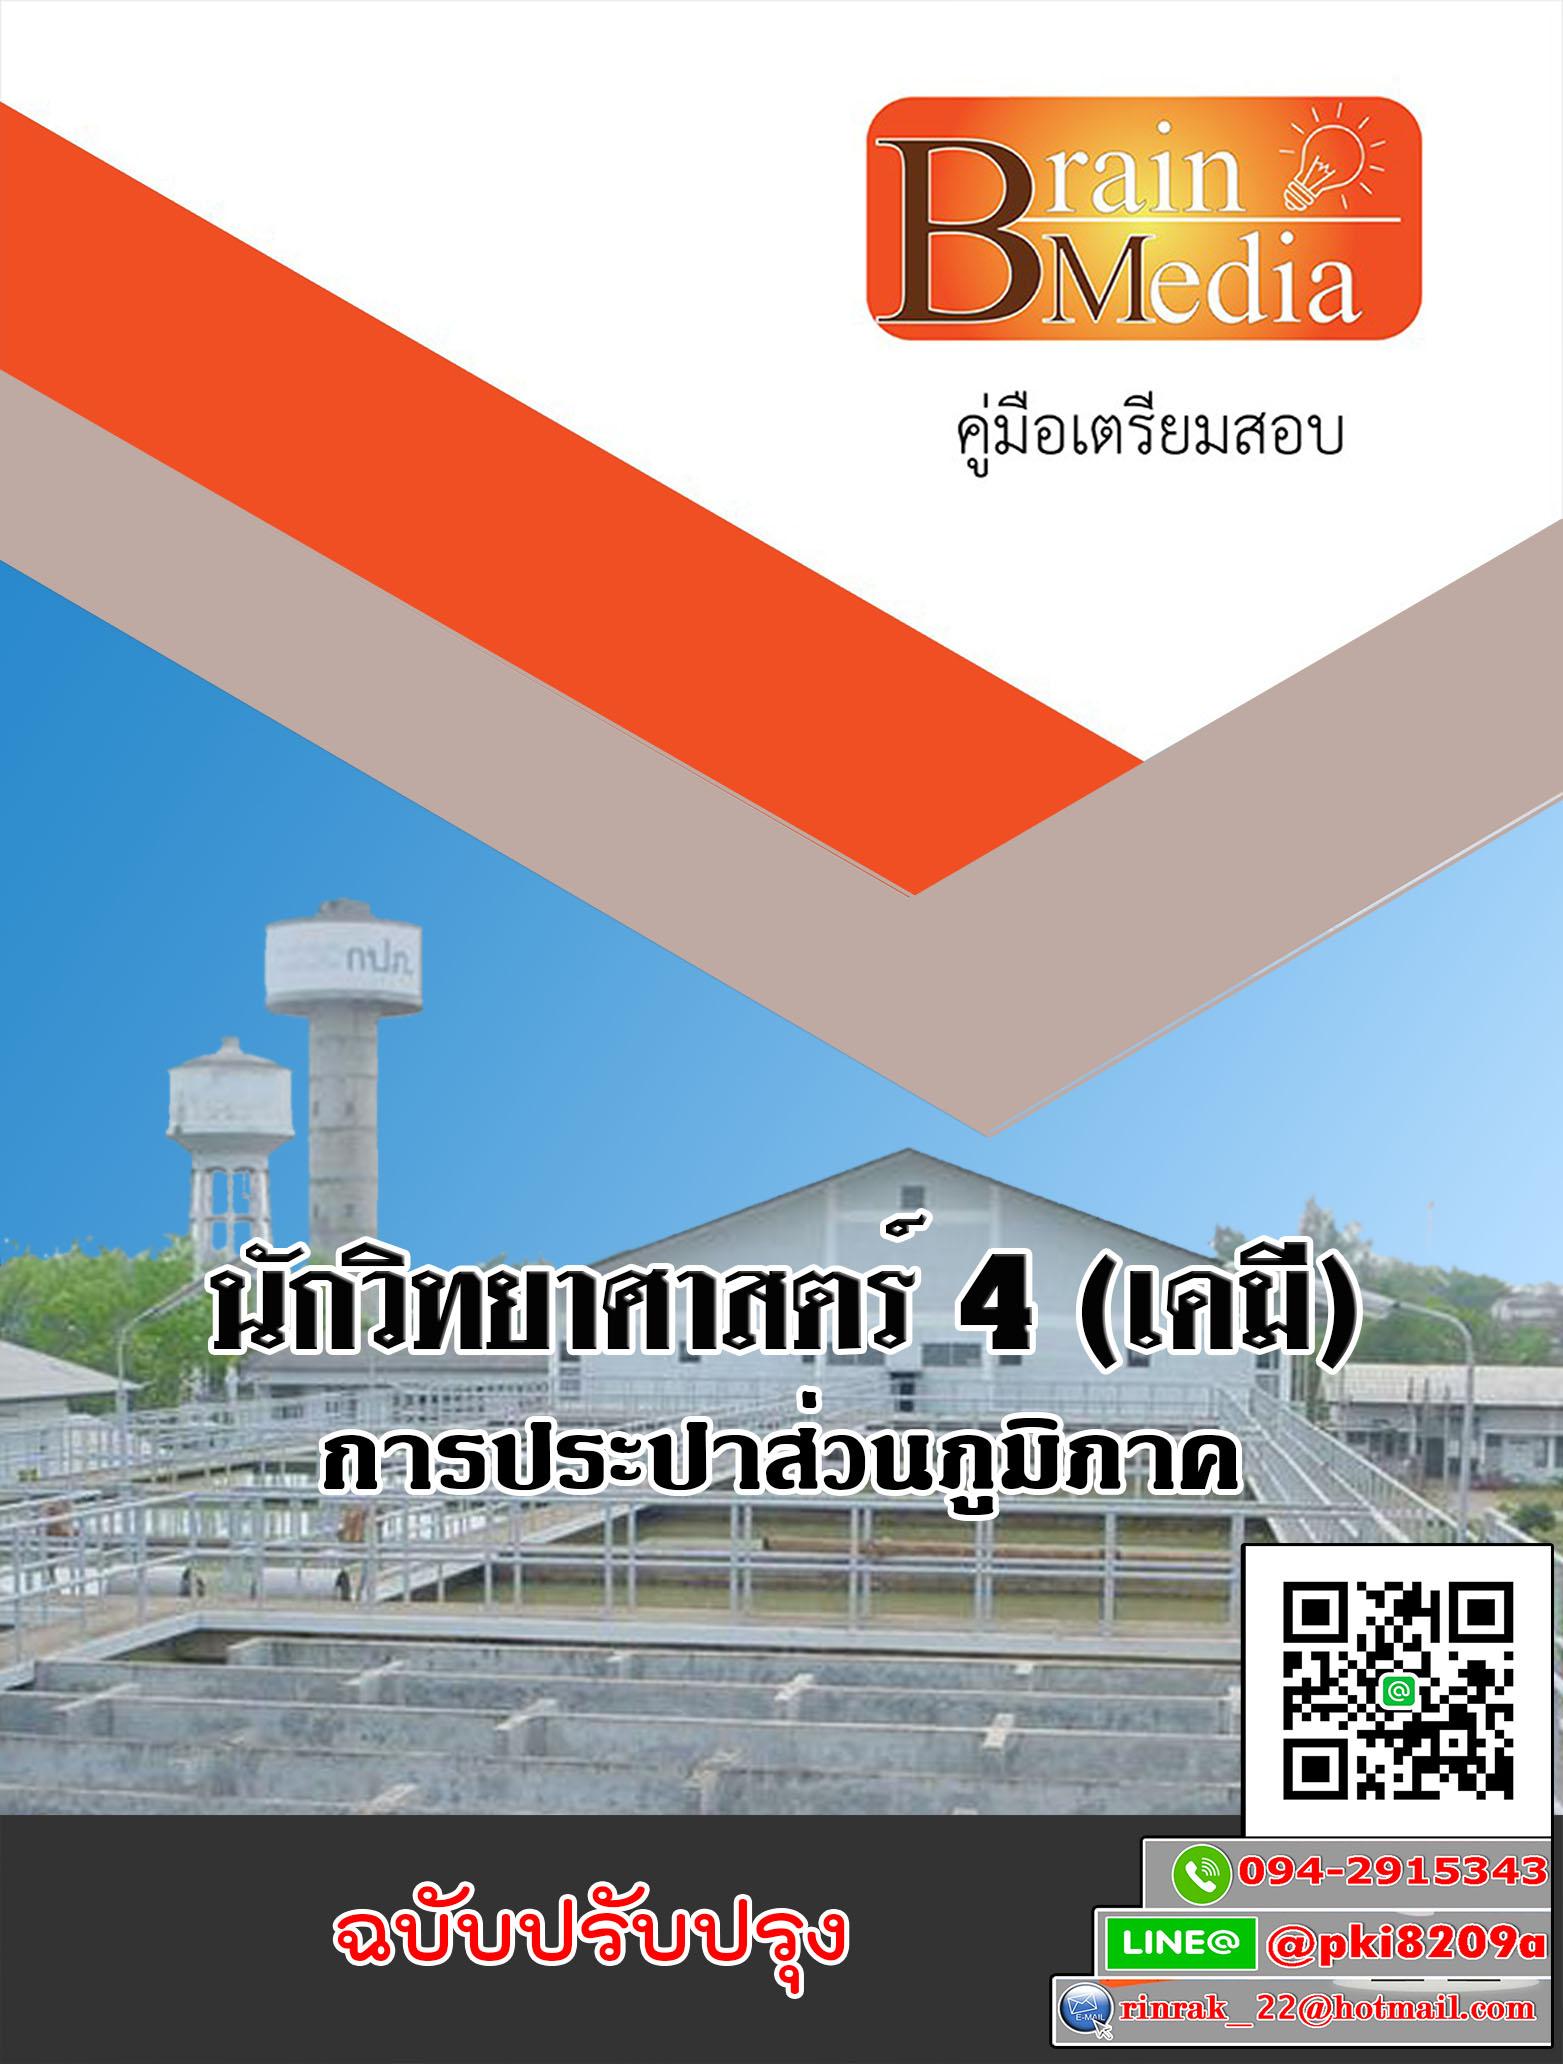 แนวข้อสอบ นักวิทยาศาสตร์ 4 (เคมี) การประปาส่วนภูมิภาค